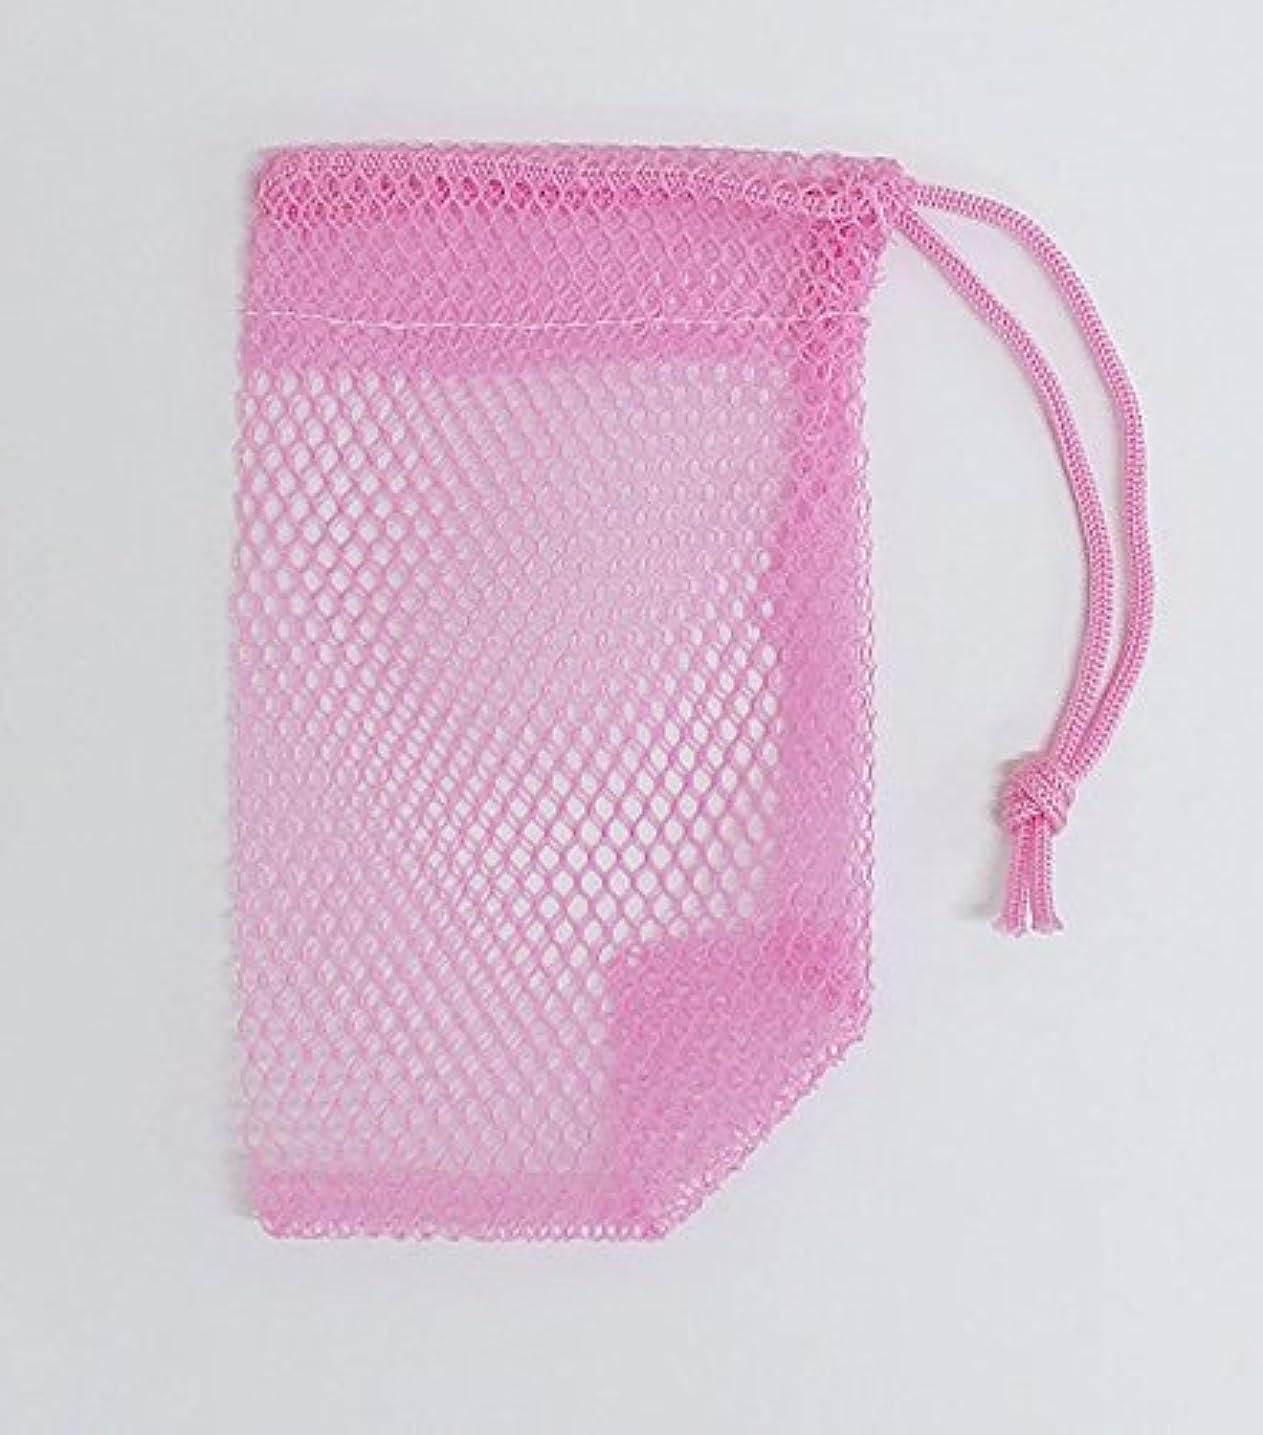 プロトタイプ近傍誘導石けんネット ひもタイプ 20枚組  ピンク